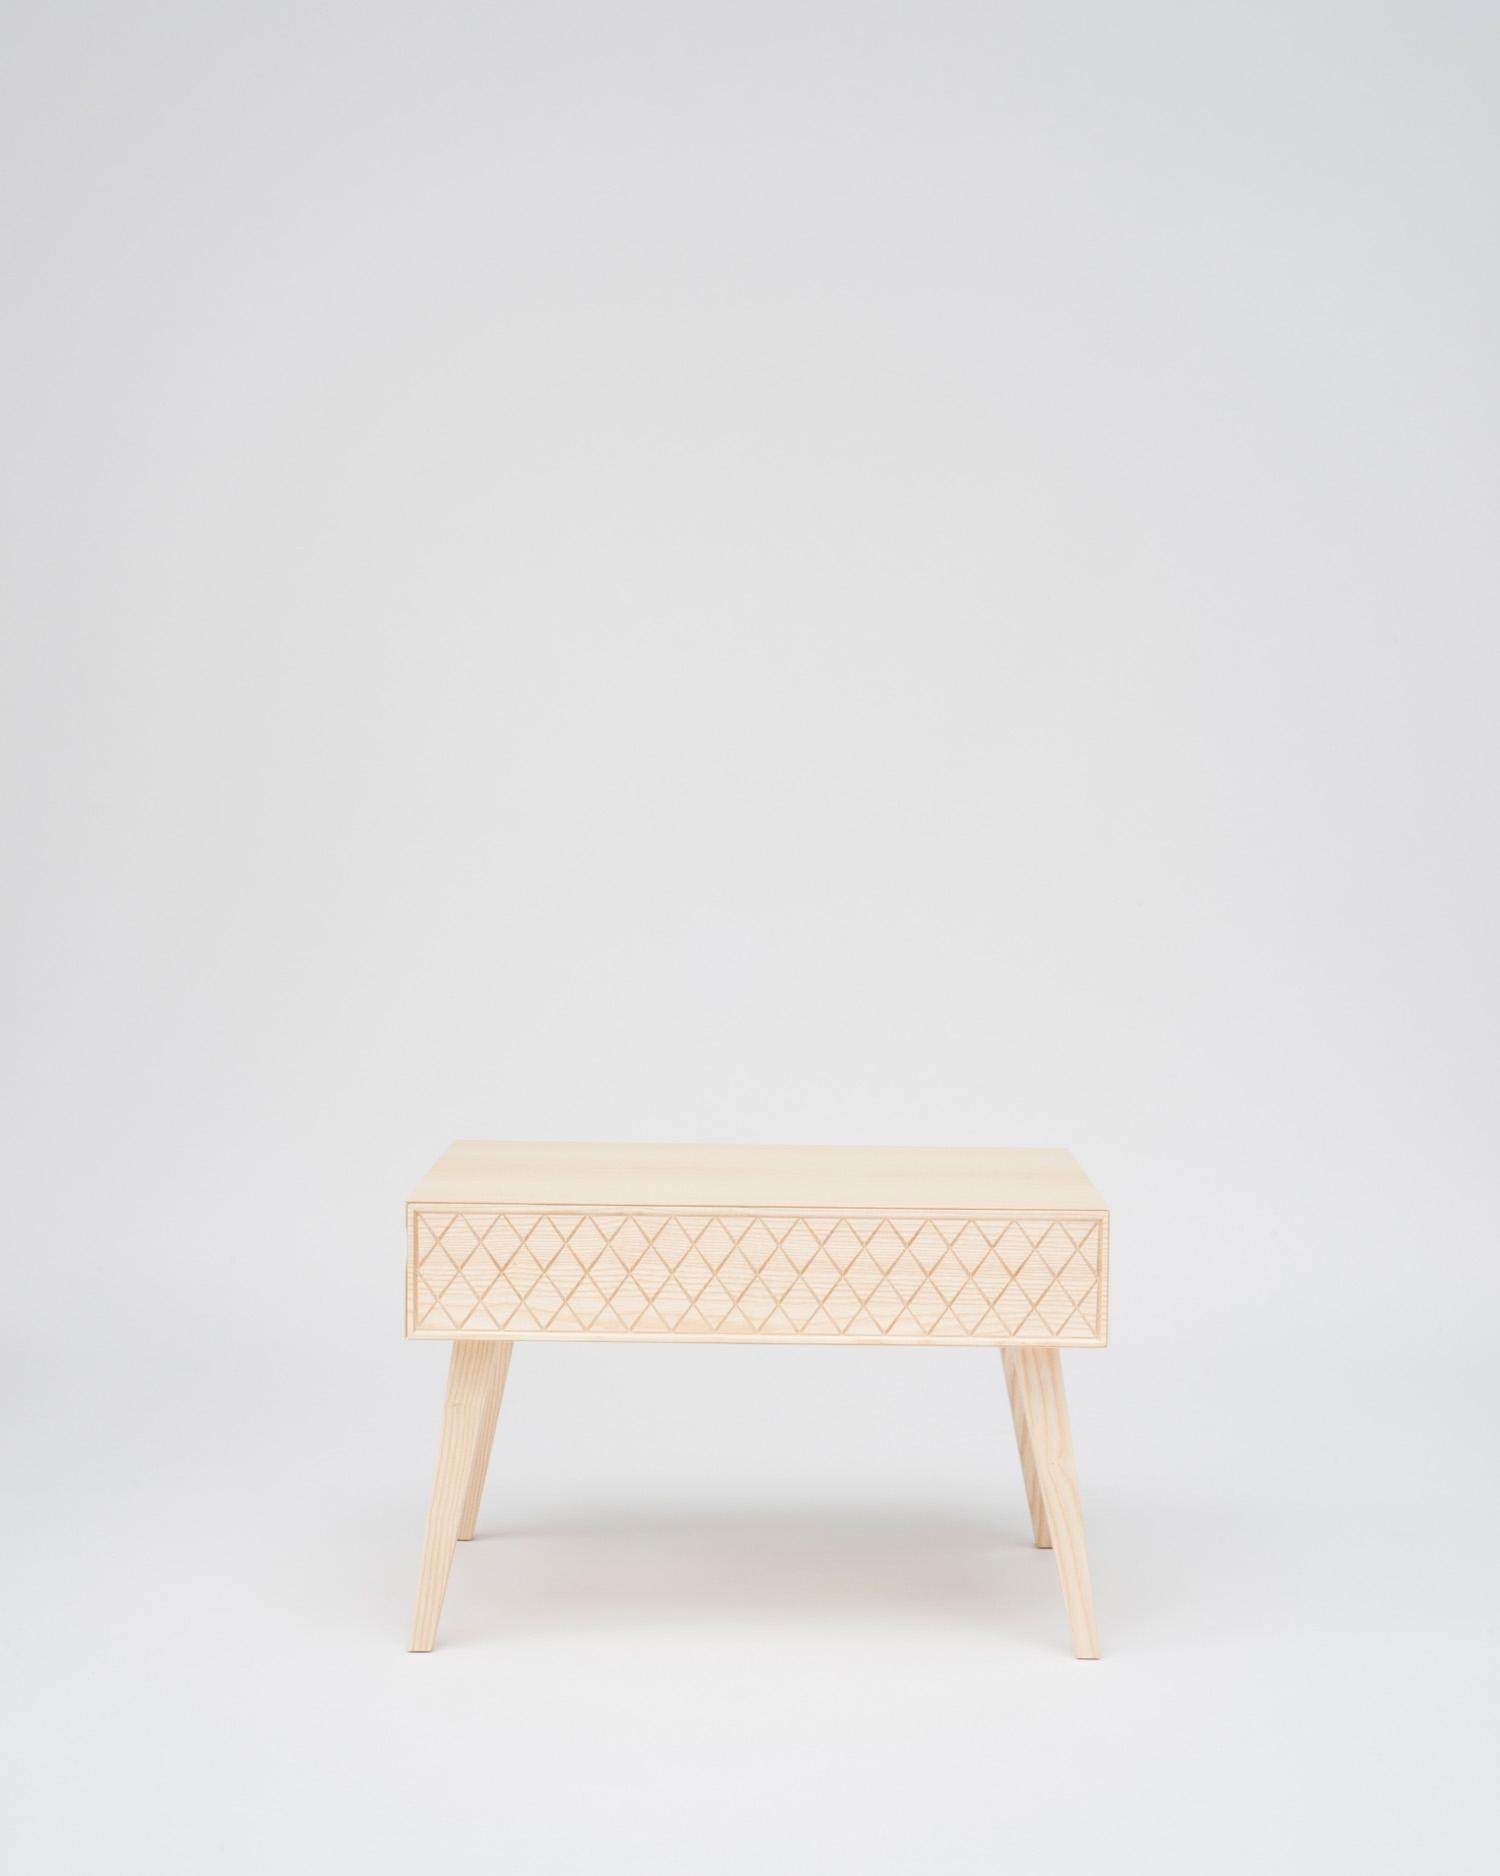 aesh_tweed_georg_oehler_table.jpg